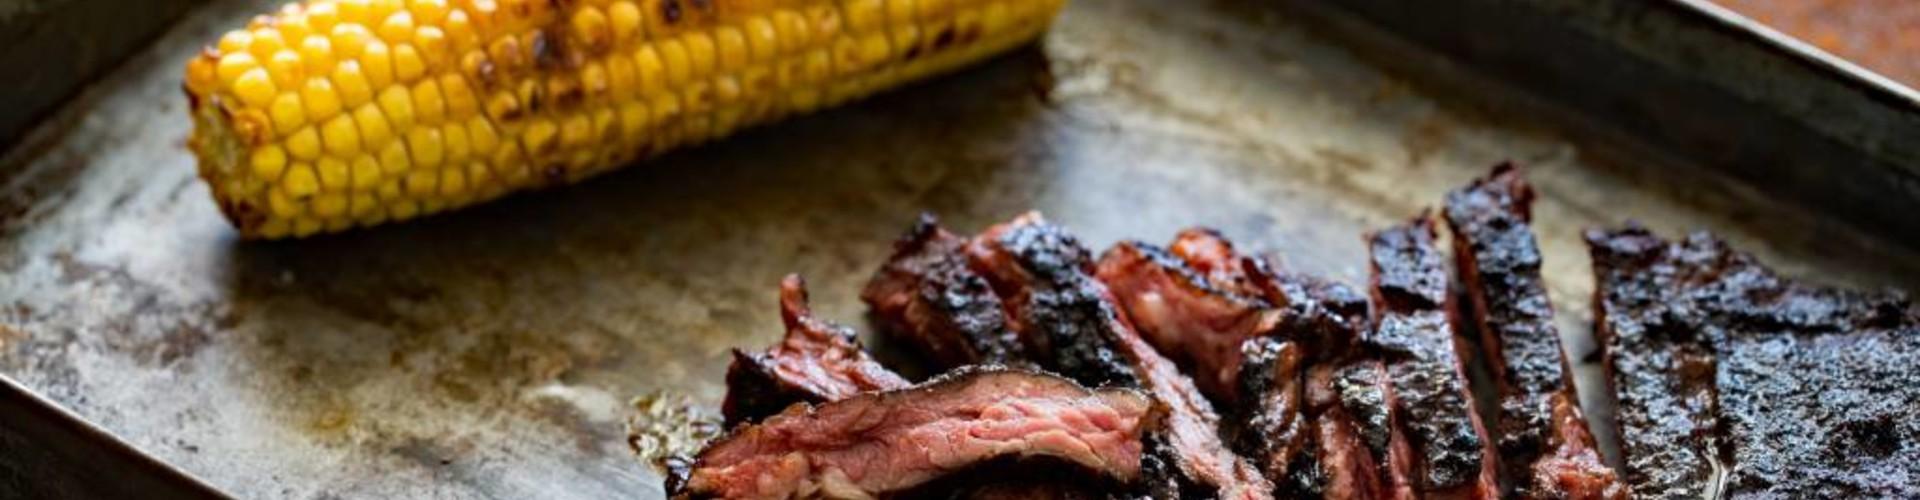 Gegrilde skirt steak met cacaorub  en gegrilde maïs